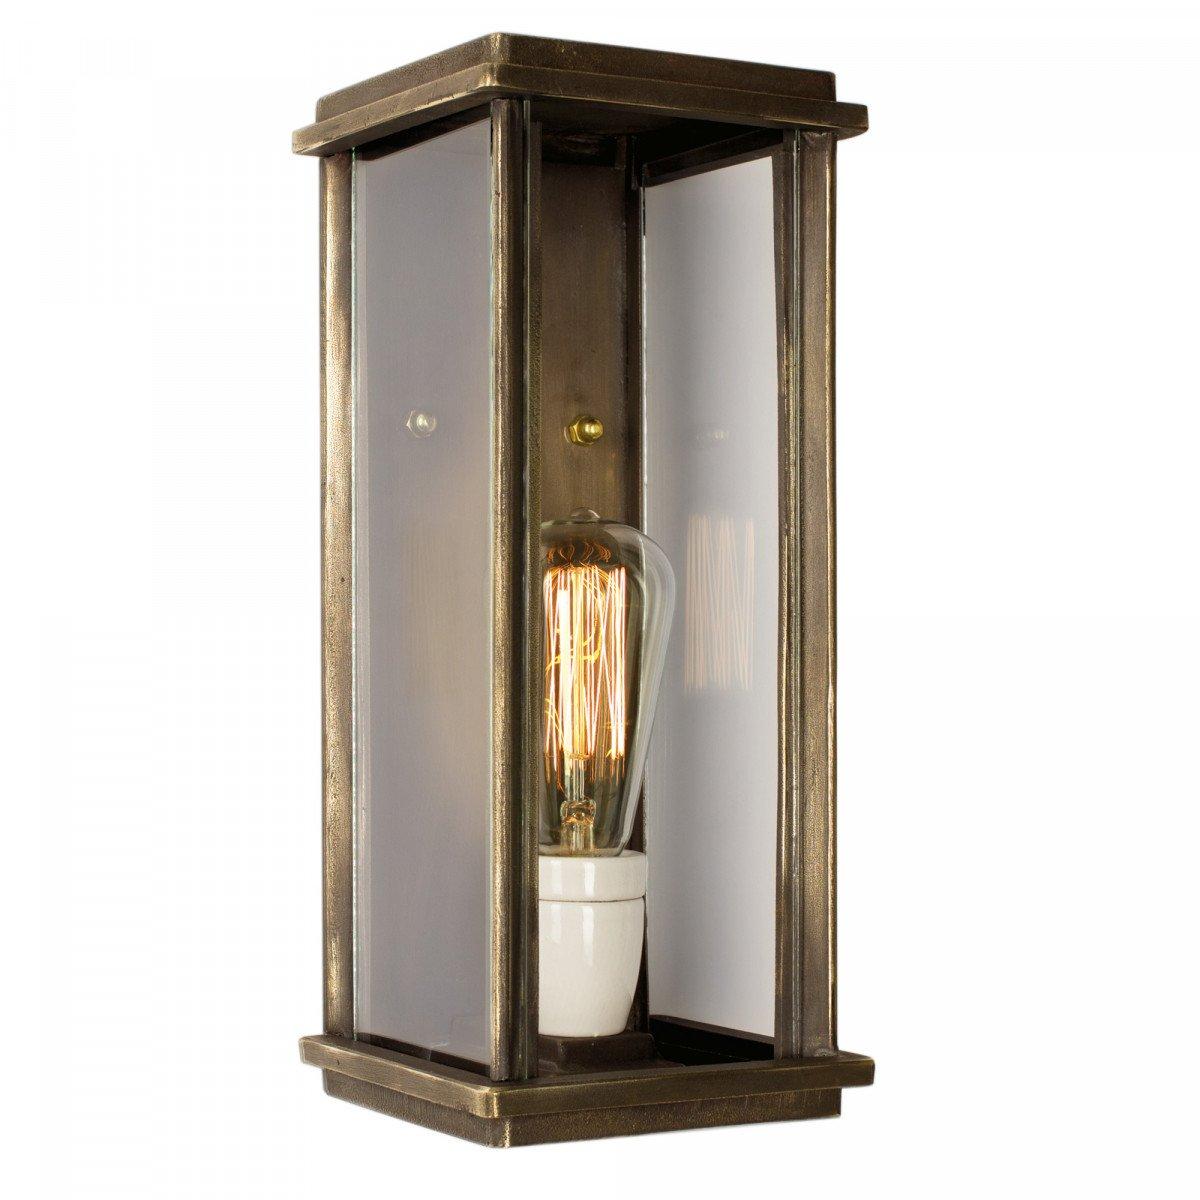 Bronzen wandlamp Capital L een strak klassiek vormgegeven onderhoudsvrije muurlamp van massief brons een langwerpige buitenlamp van KS Verlichting